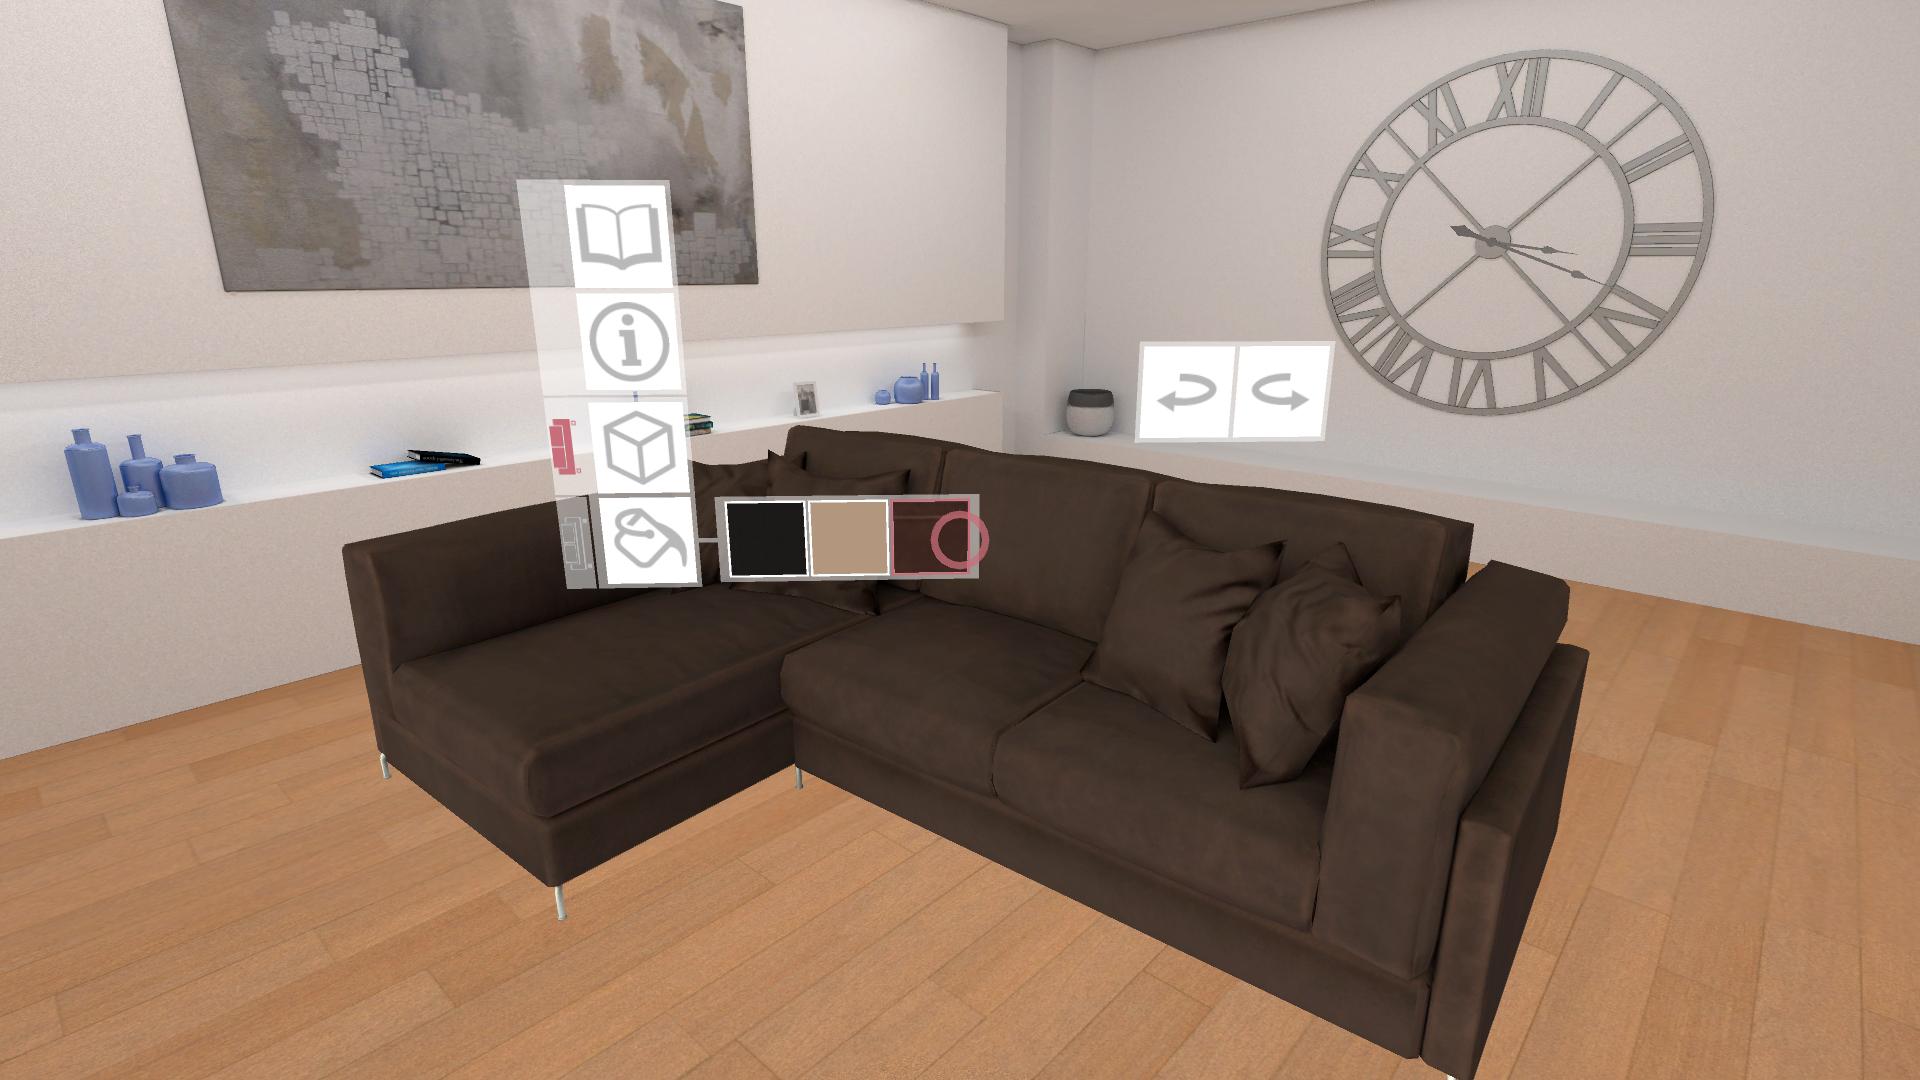 catalogo virtuale divano pelle scamosciata marrone